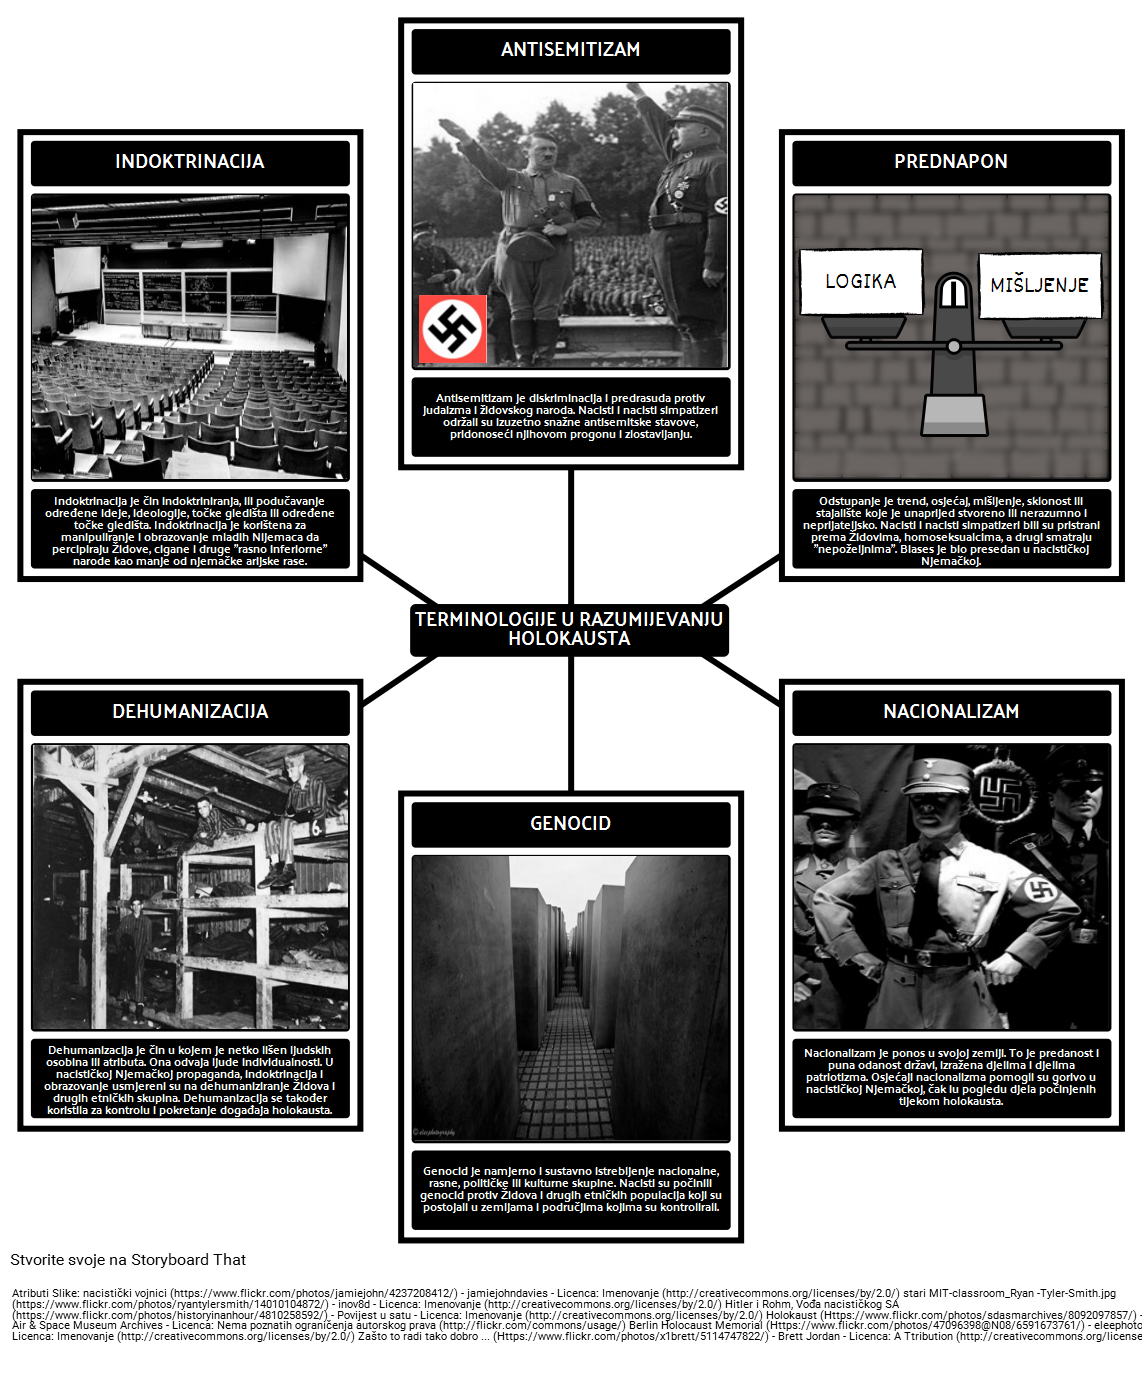 Povijest Holokausta - Terminologije u Razumijevanju Holokausta